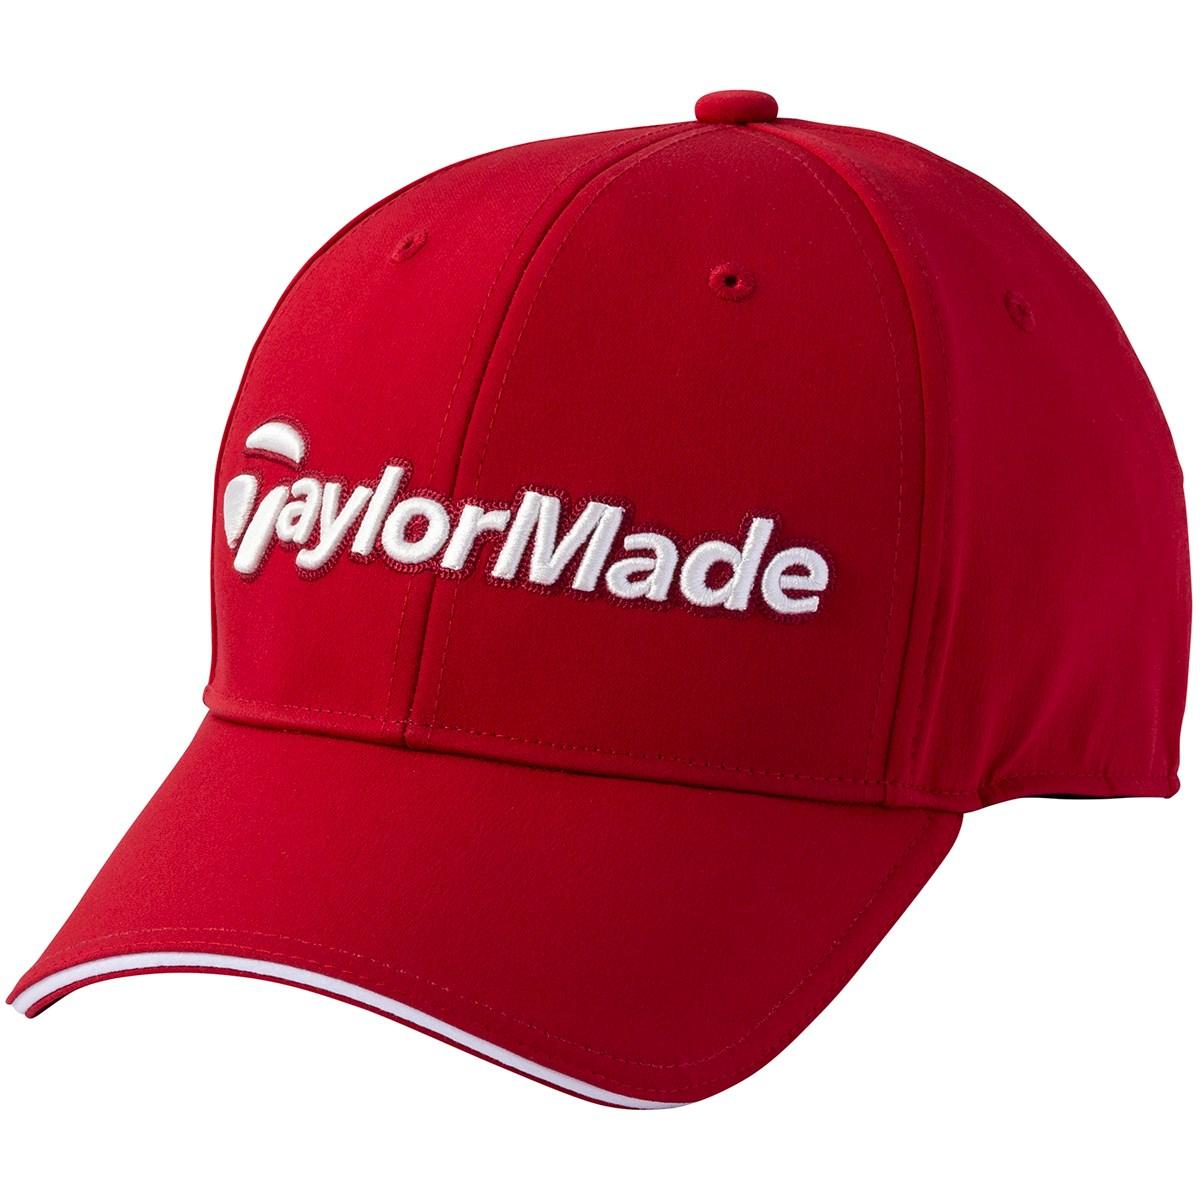 テーラーメイド(Taylor Made) ベーシック ロゴキャップ